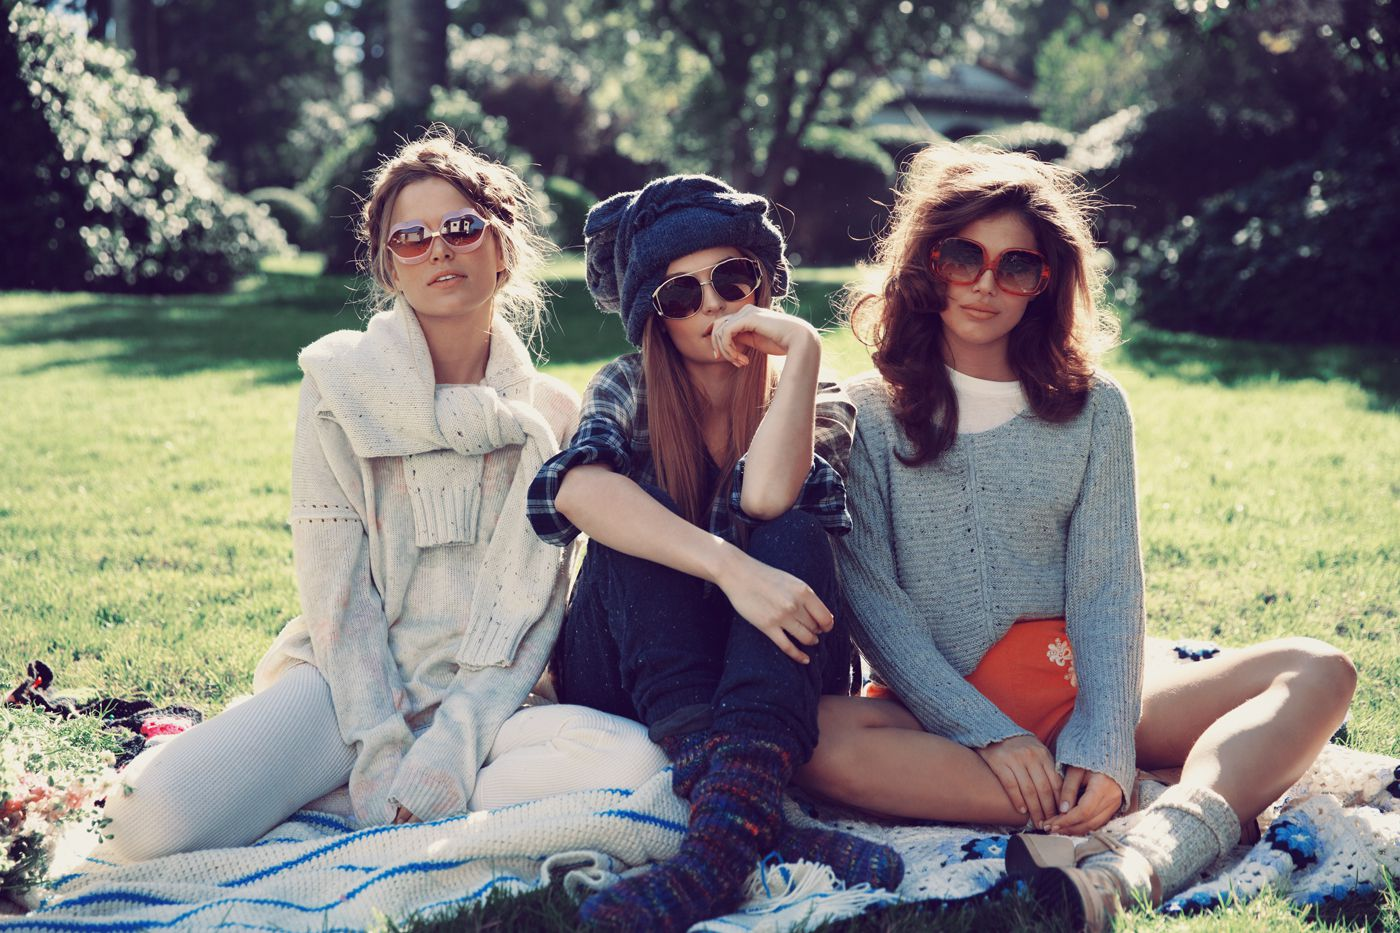 Couture wildfox la dolce vita fall lookbook exclusive photo